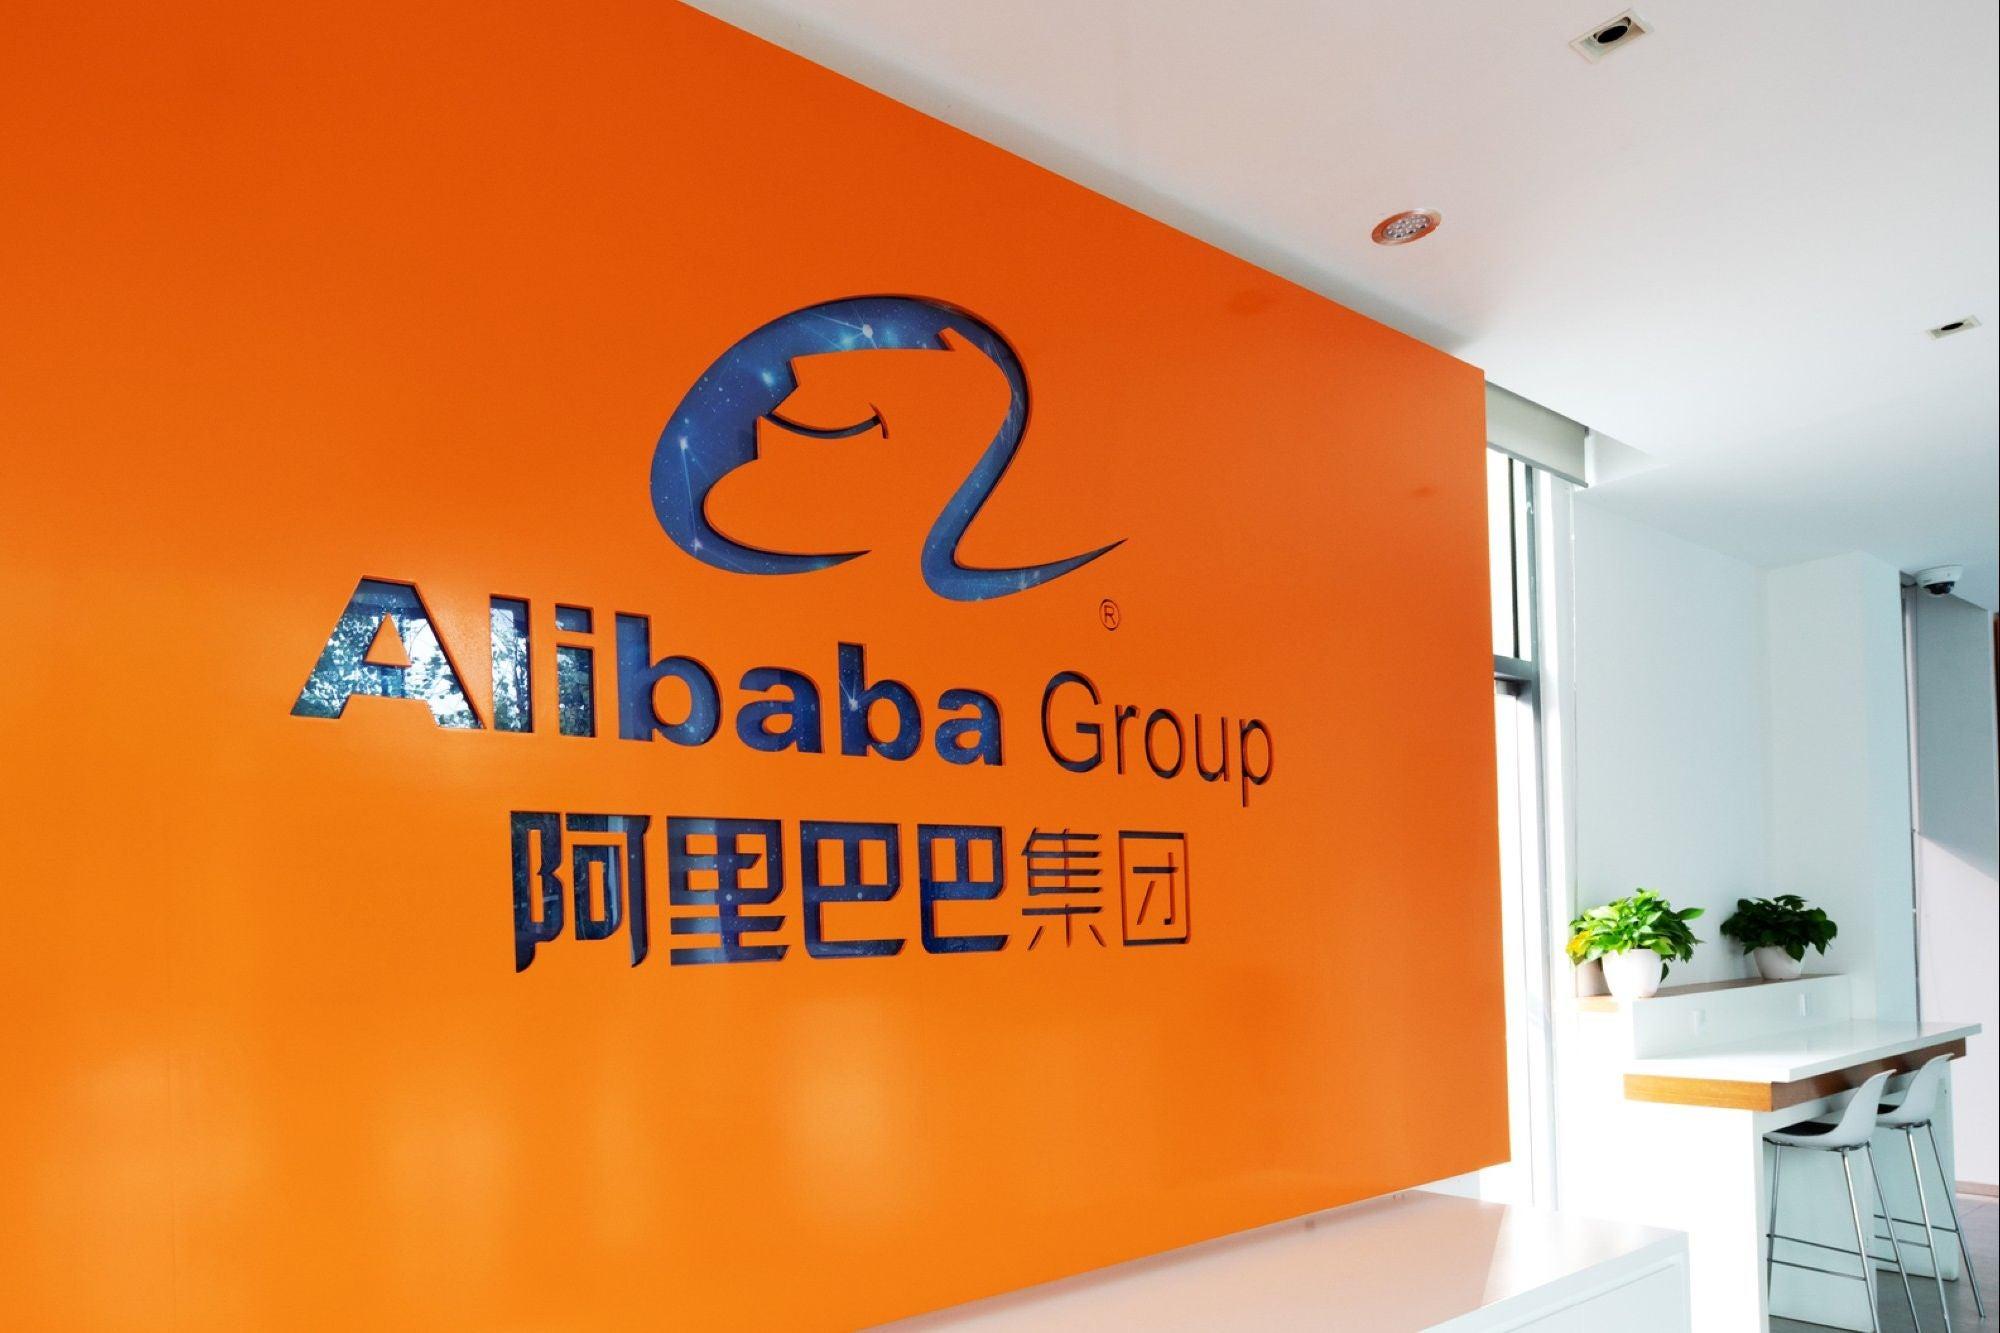 Alibaba obtiene una patente de un sistema basado en blockchain que verifica la originalidad de las pistas musicales